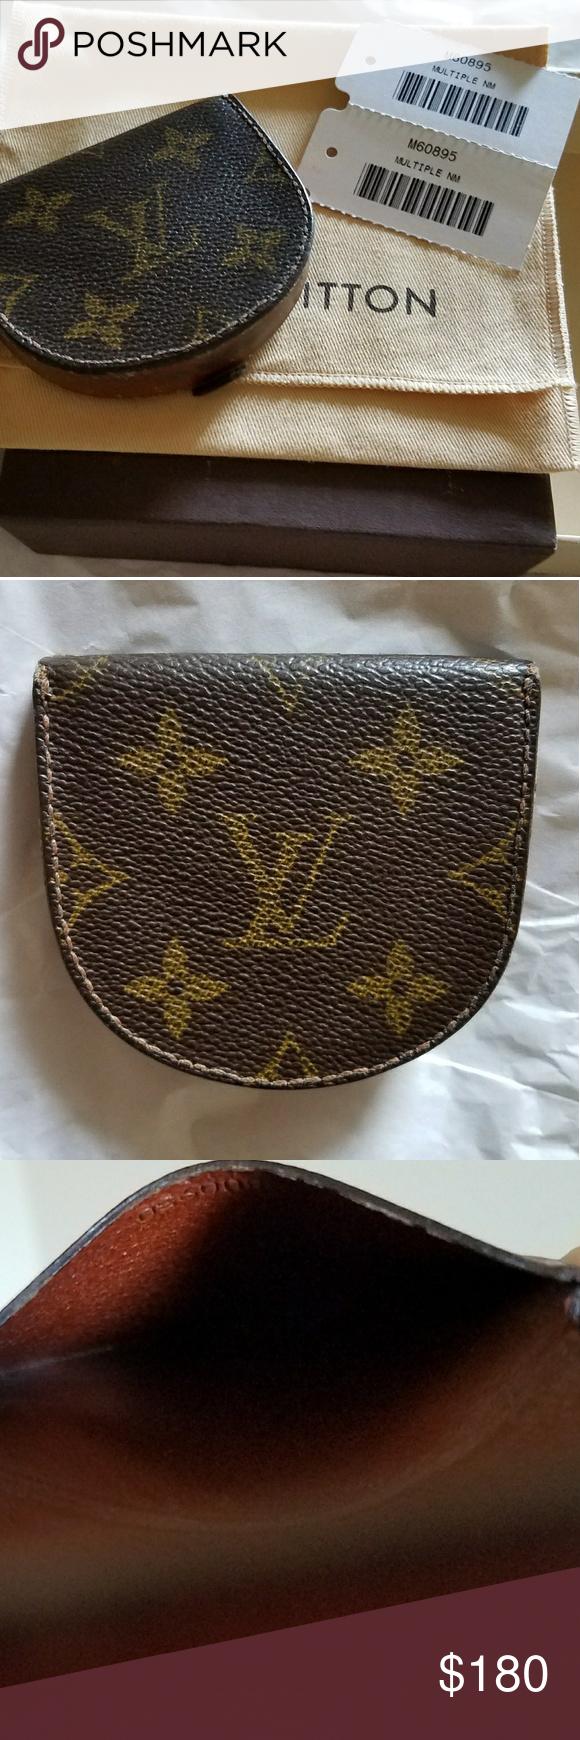 8ee1e3f8346 Authentic Louis Vuitton Porte Monnaie Gousset Authentic Louis ...